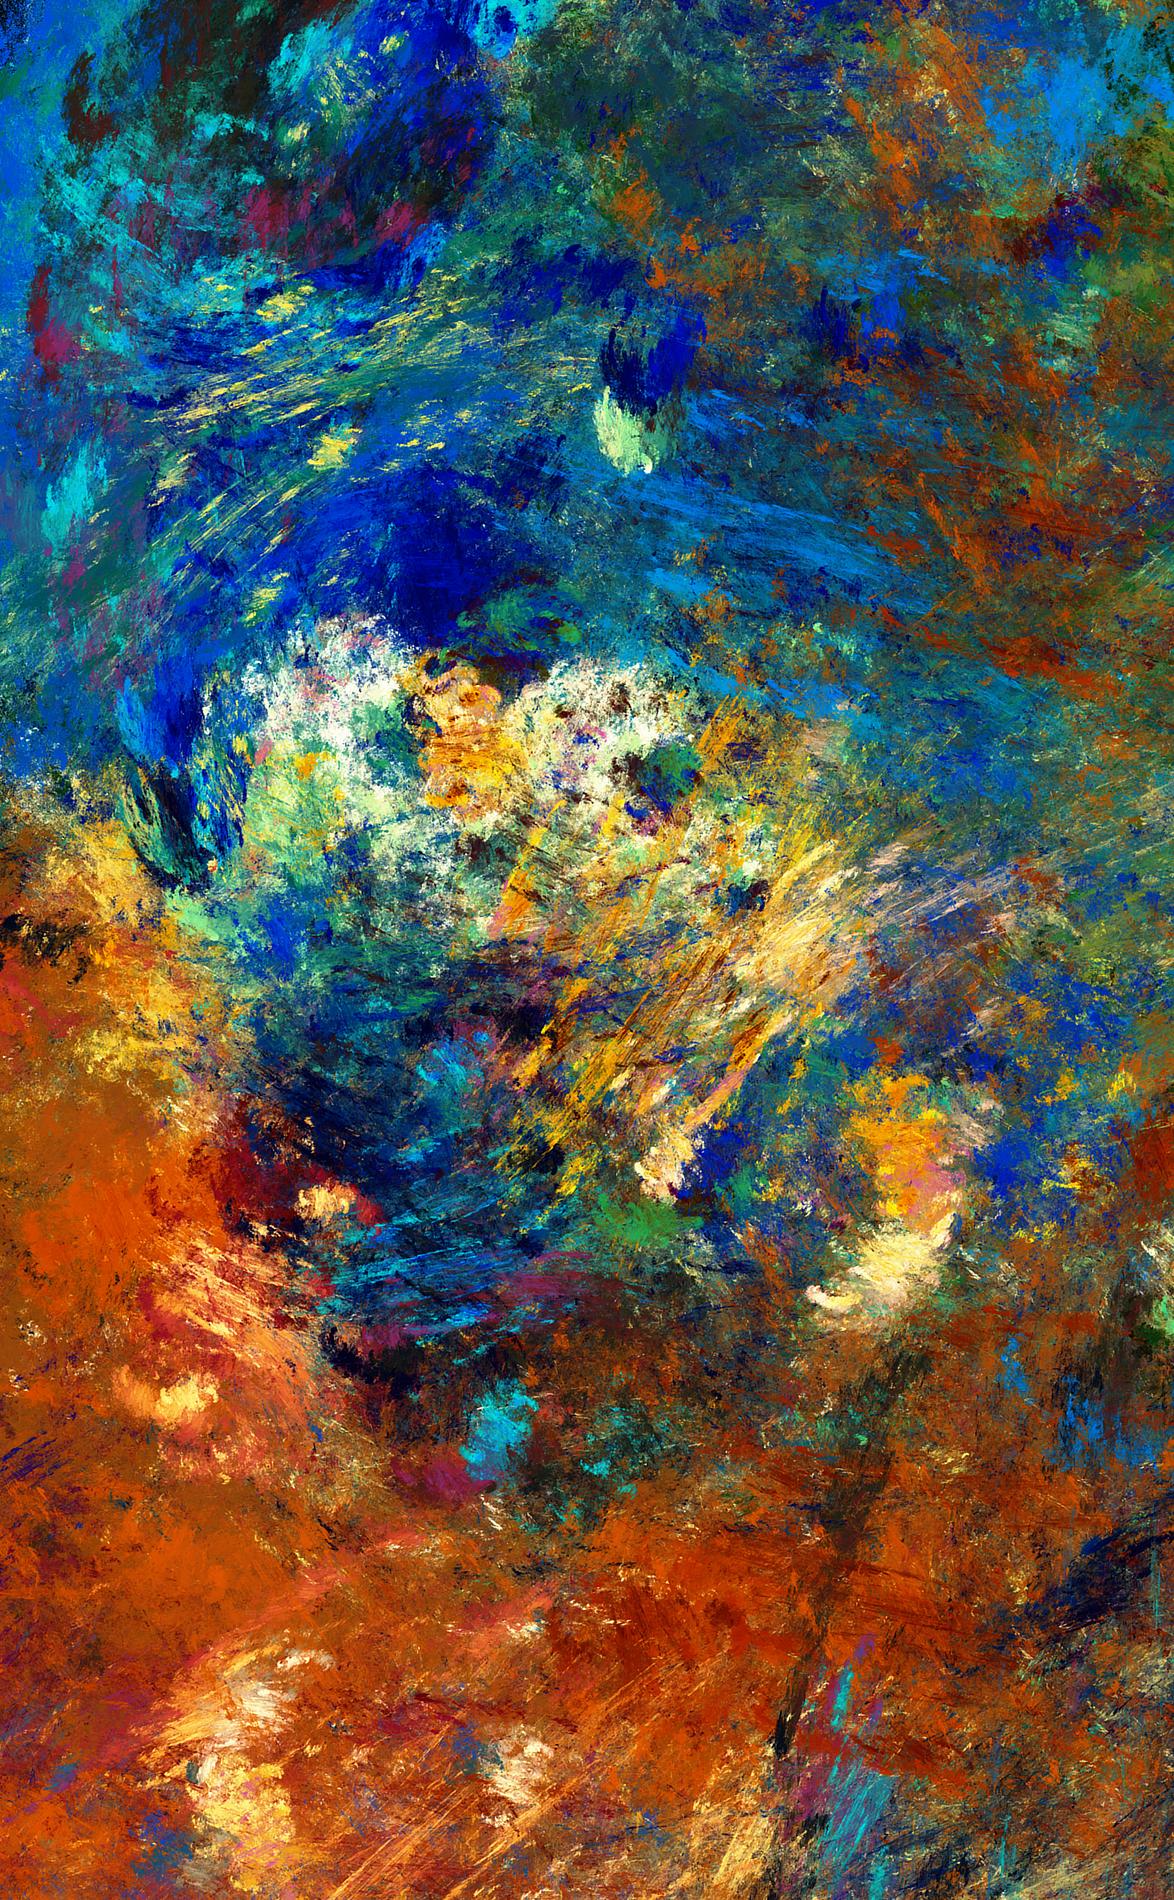 Abstract No. 12 Creation Myth by FarDareisMai Creation